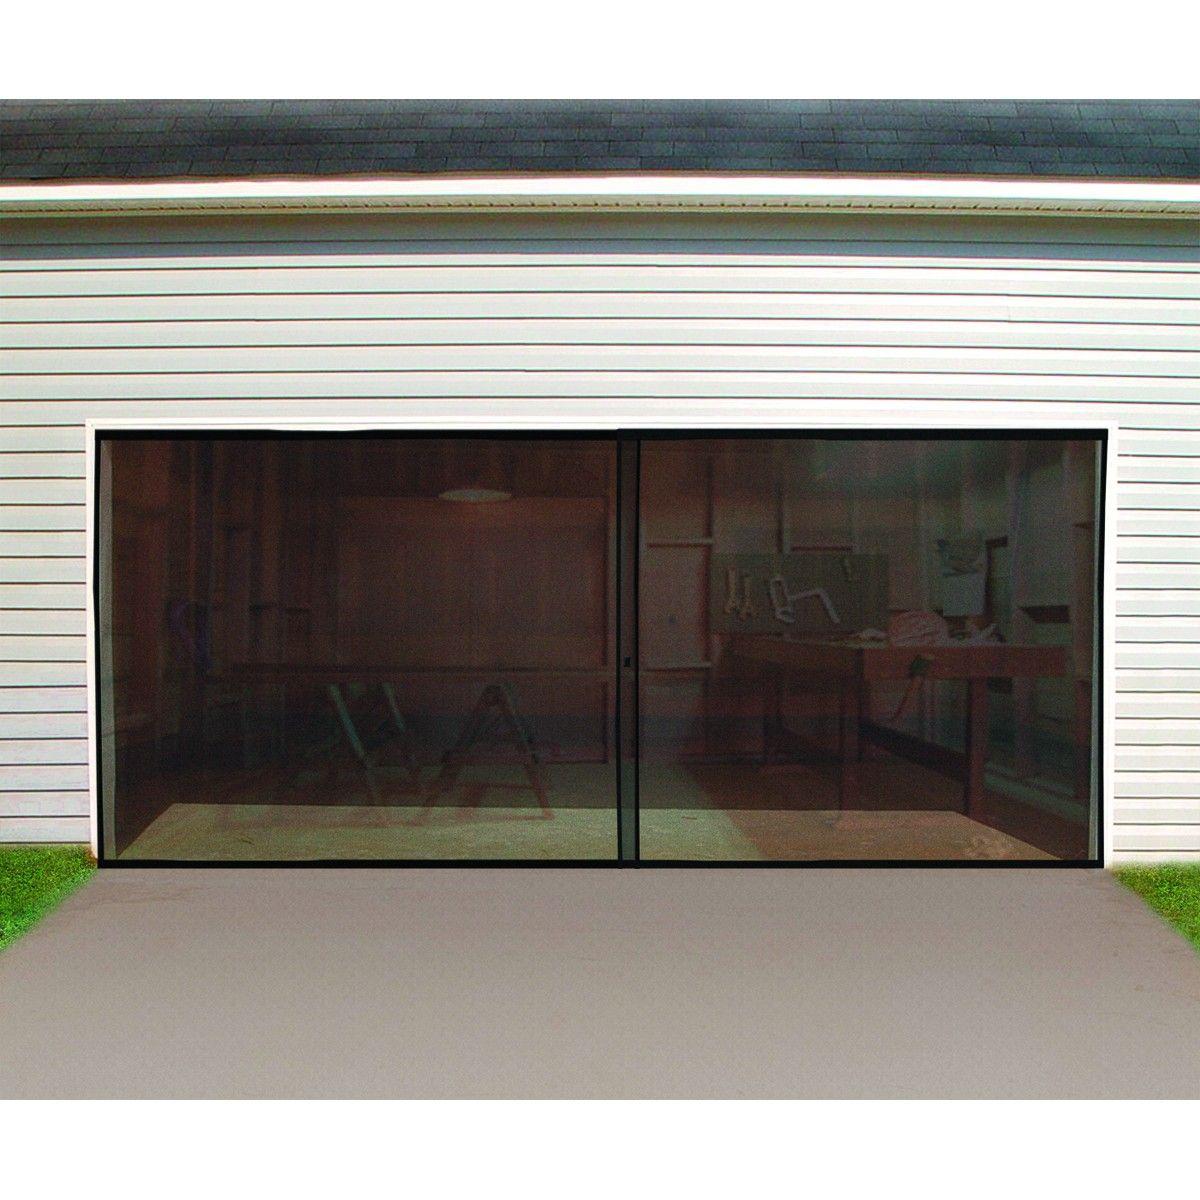 Double garage screen door double garage door garage doors and 2499 would work for patio screening double garage door screen rubansaba